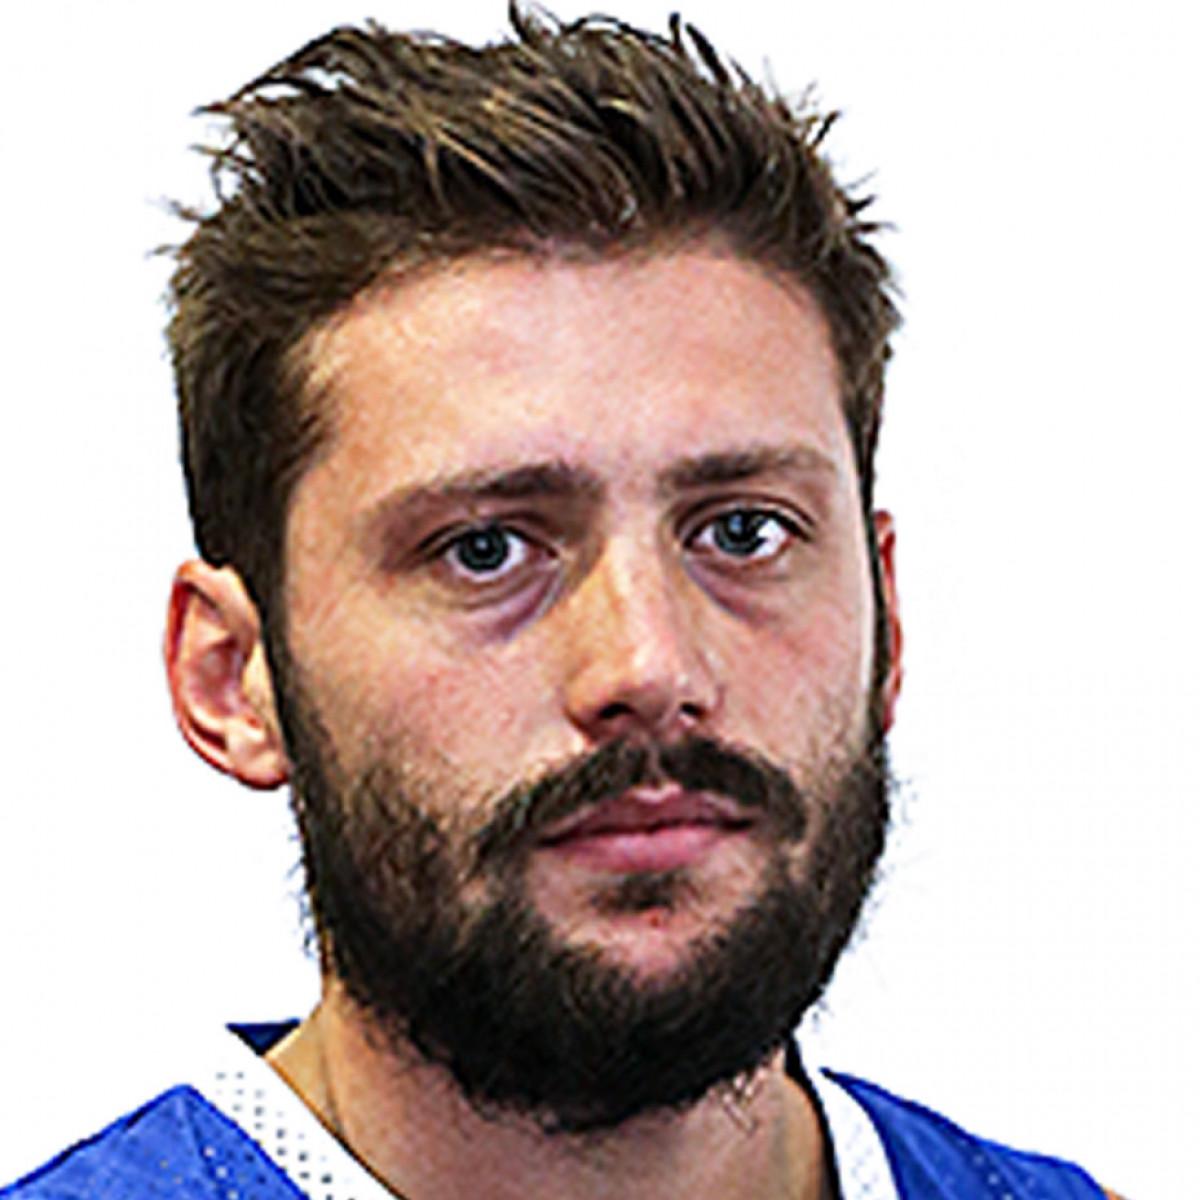 Alessandro Panni